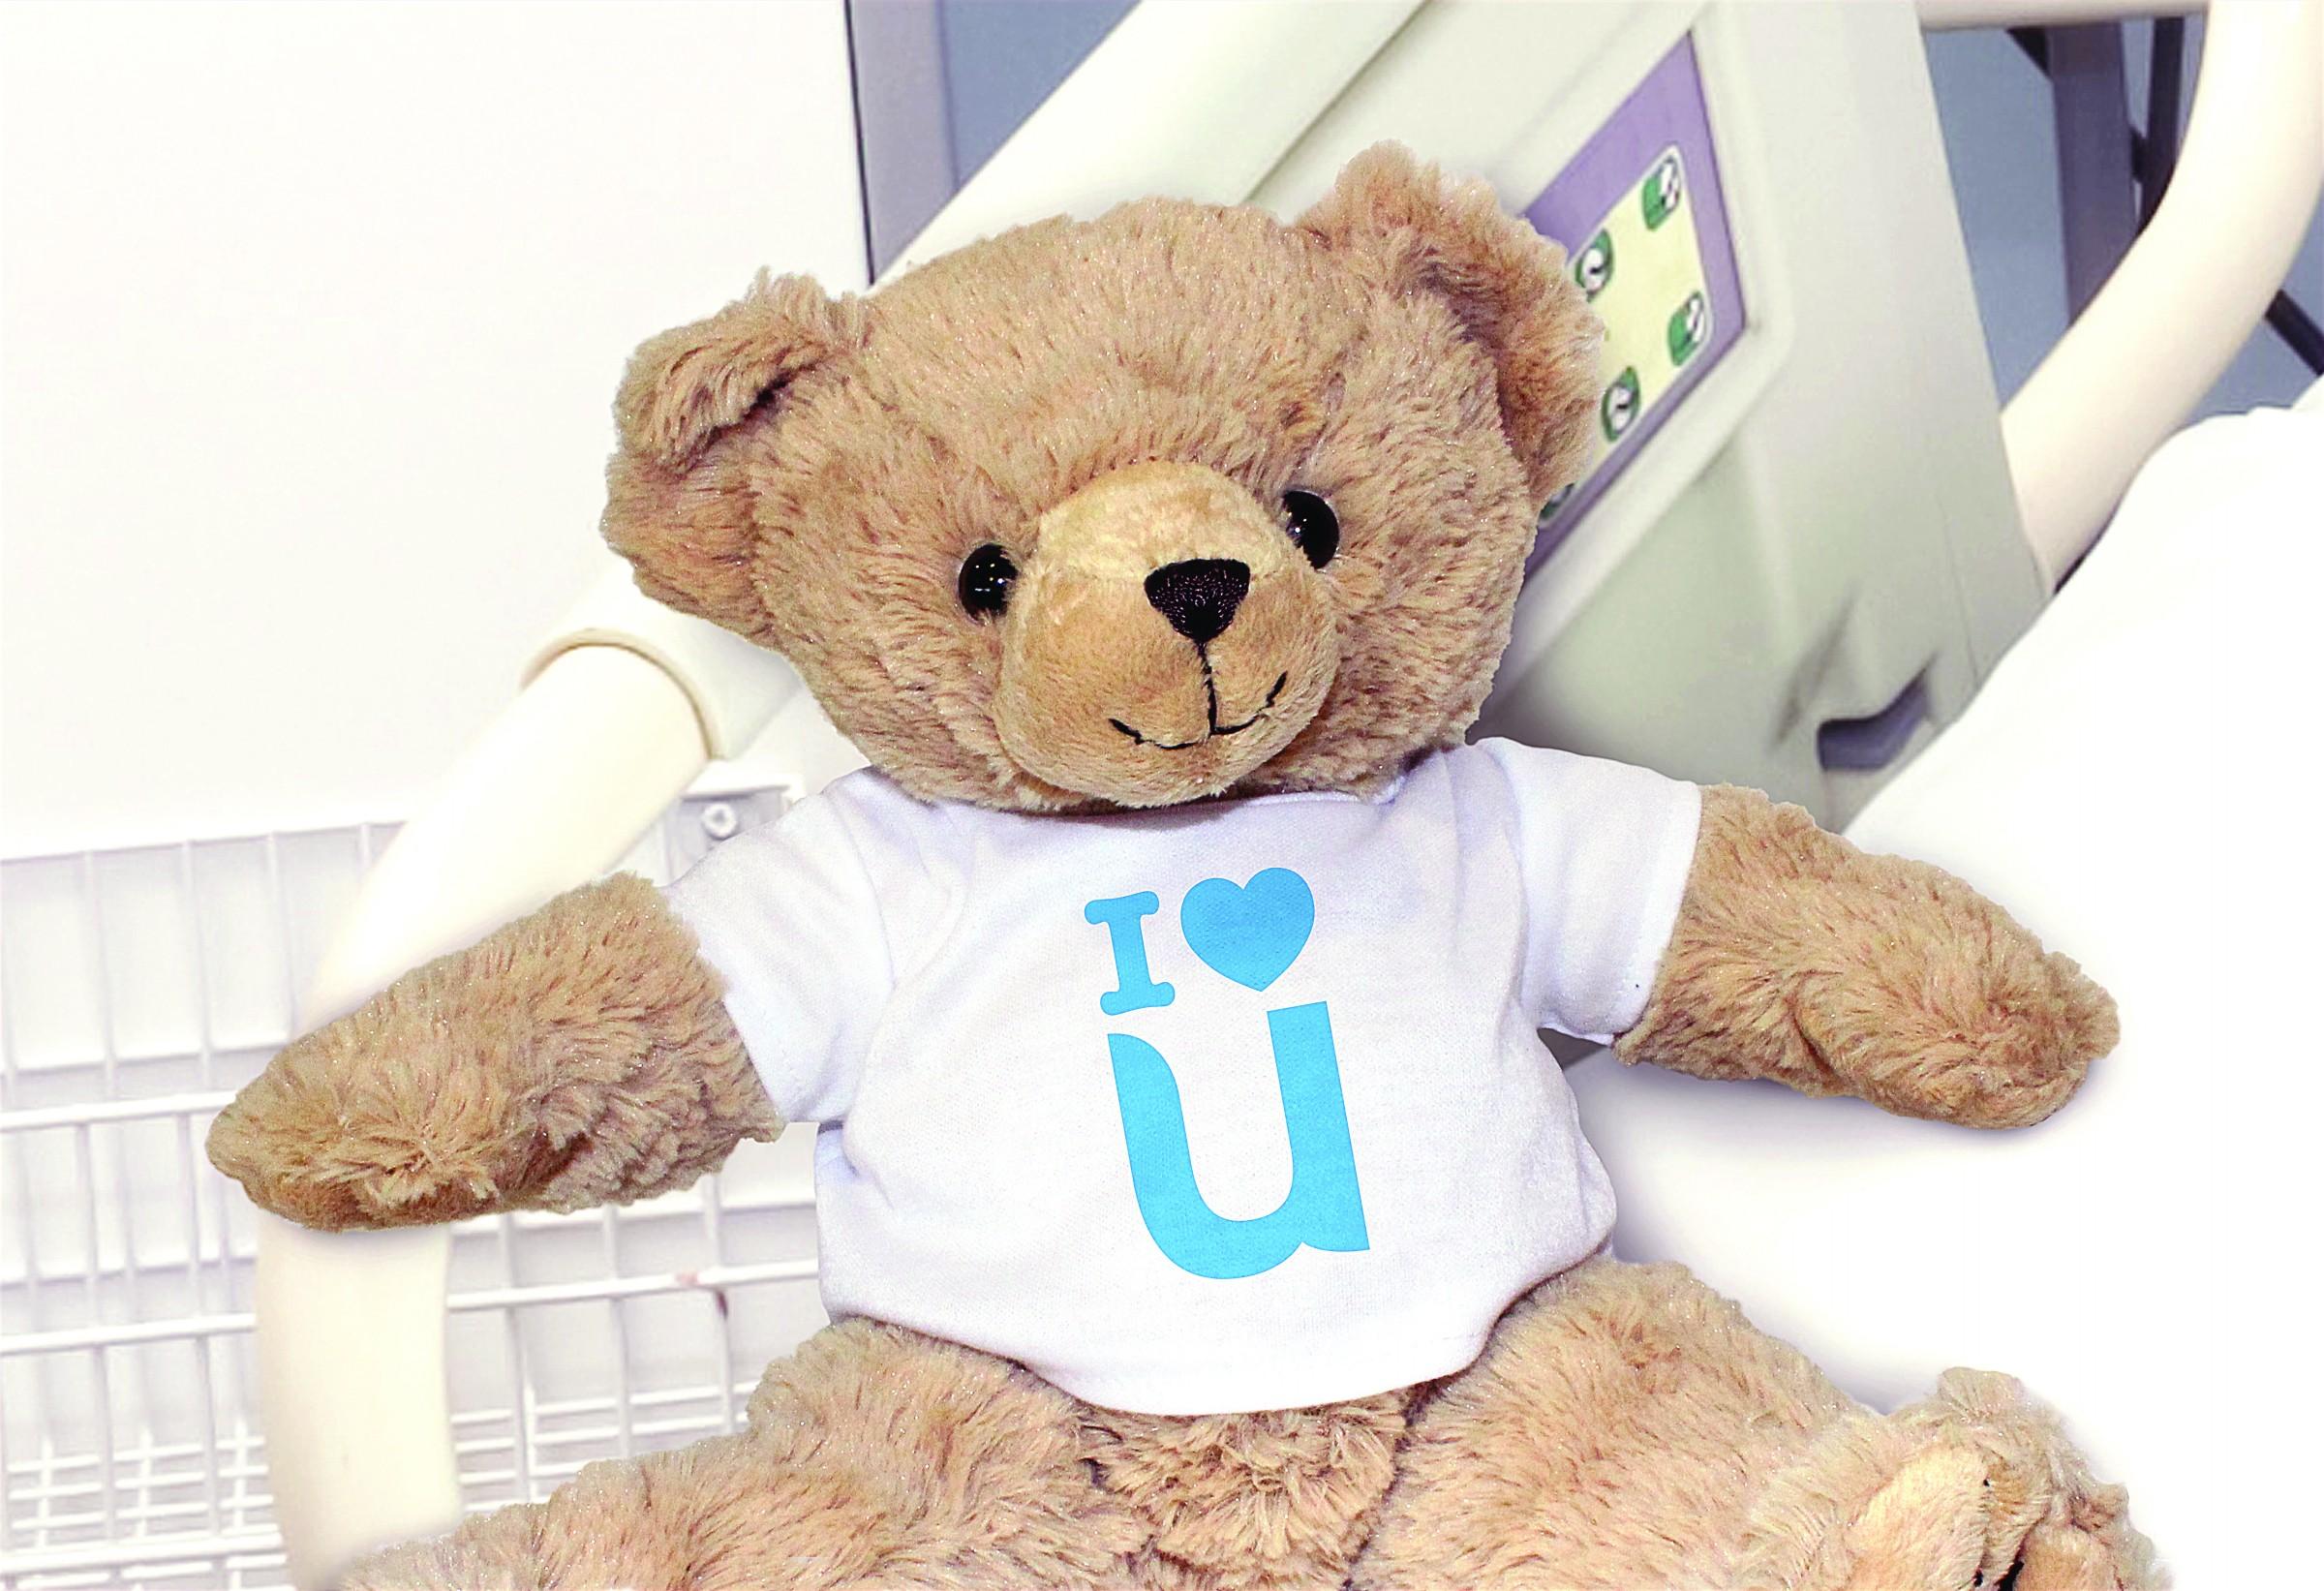 Popular Teddy Bear Hospital Buy Cheap Teddy Bear Hospital: Leinster Hearing Services